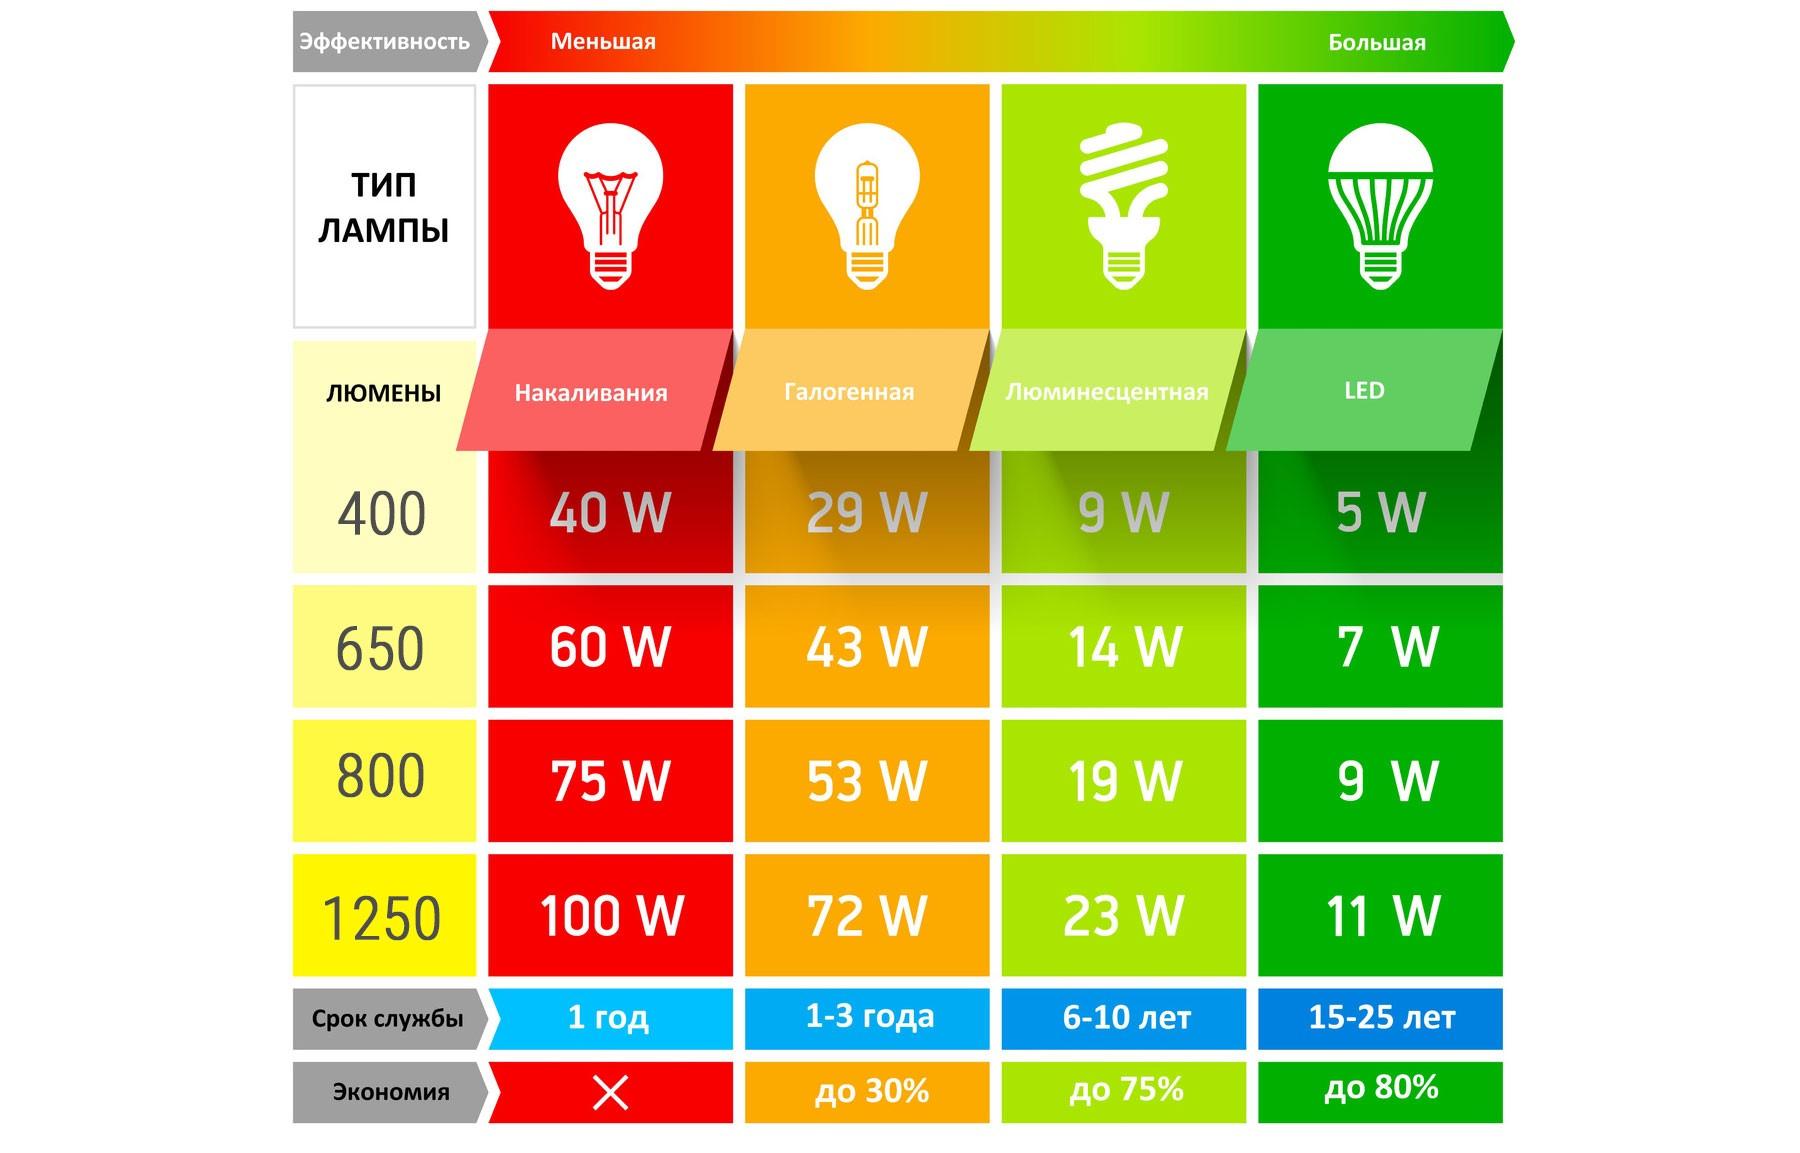 Как современные светодиодные лампы могут экономить электроэнергию иваши деньги